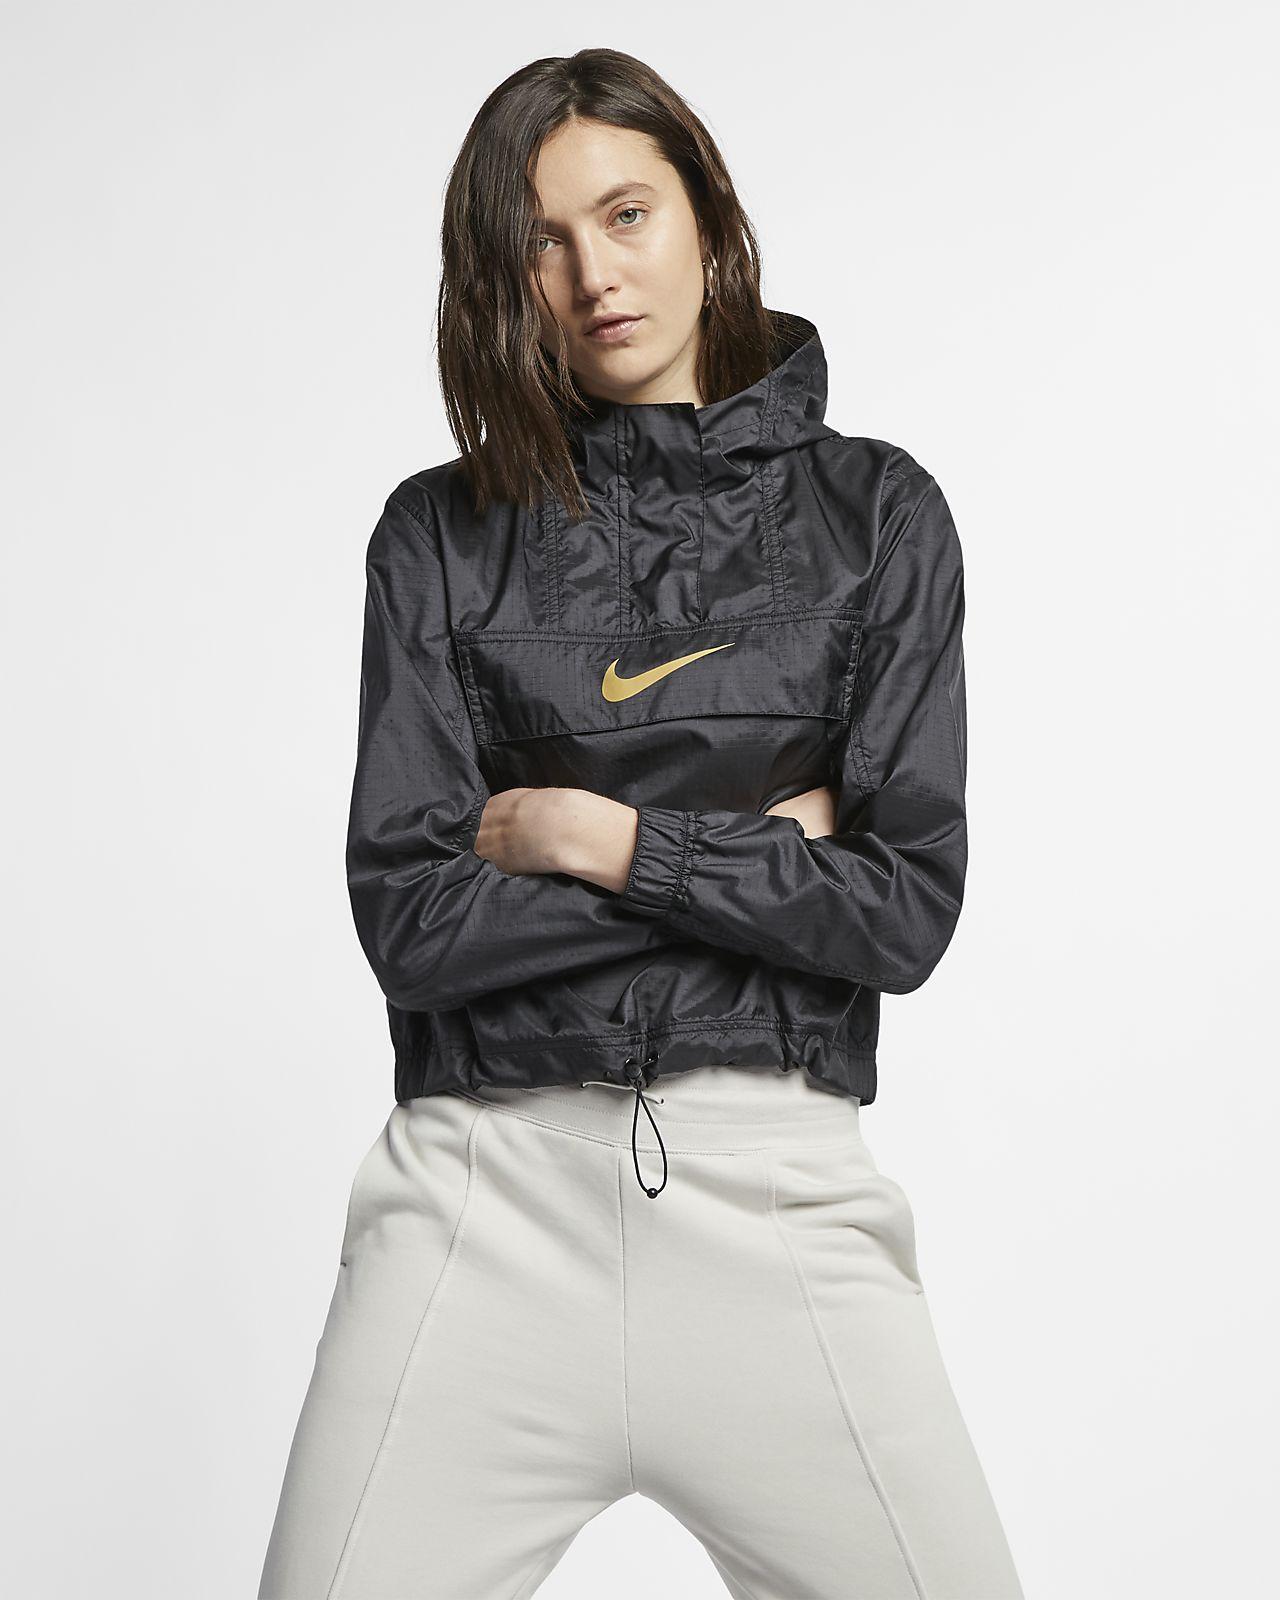 Sportswear WomanLo Print Cazadora Nike Ligera Animal FJKl3T1c